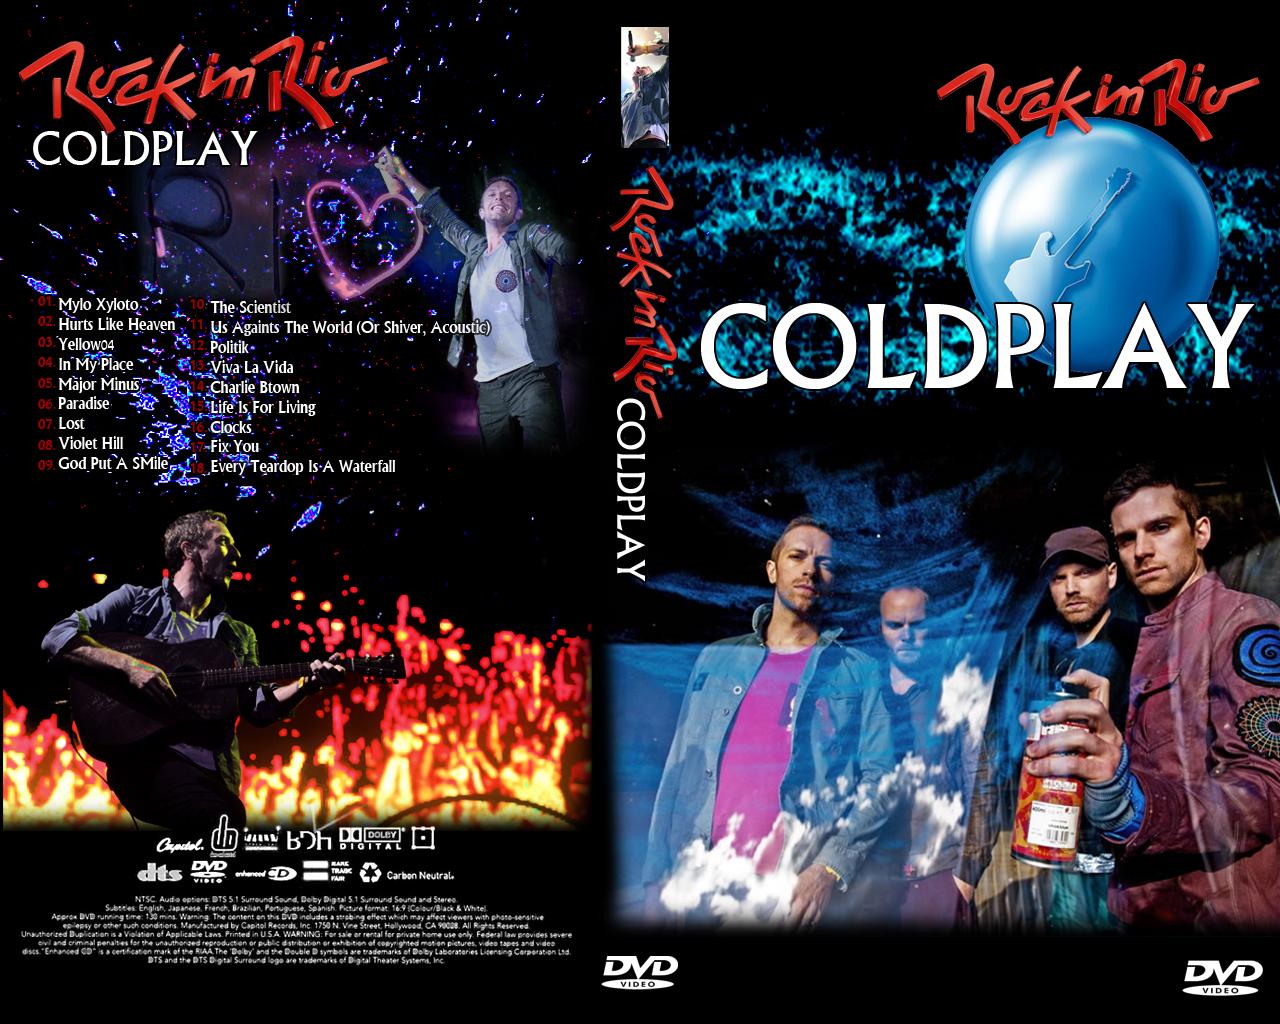 http://4.bp.blogspot.com/-Mfk8u17Zyoo/T8wW1J5IWsI/AAAAAAAACAs/QAjDMKEhlYM/s1600/coldplay+rock+in+rio.jpg